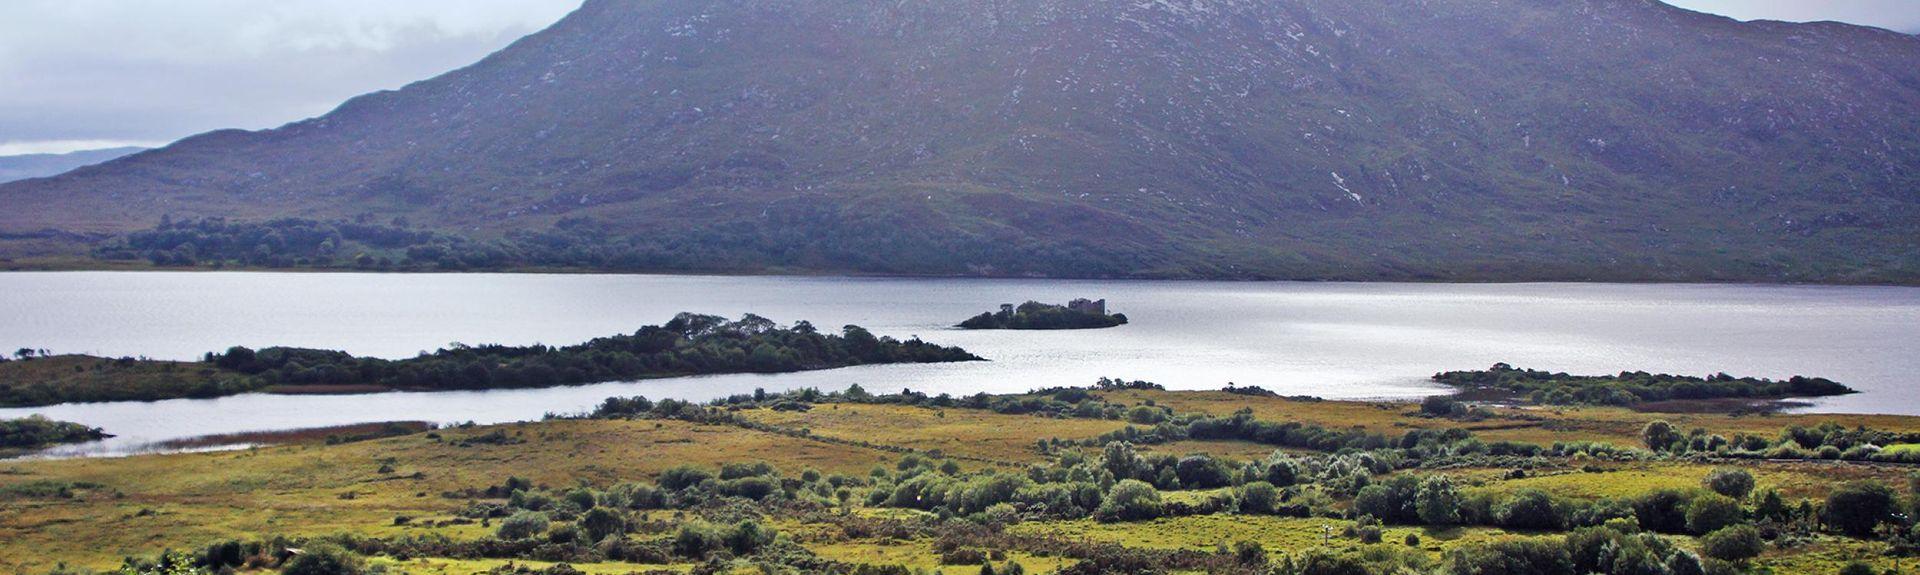 Ballinrobe, County Mayo, Ireland